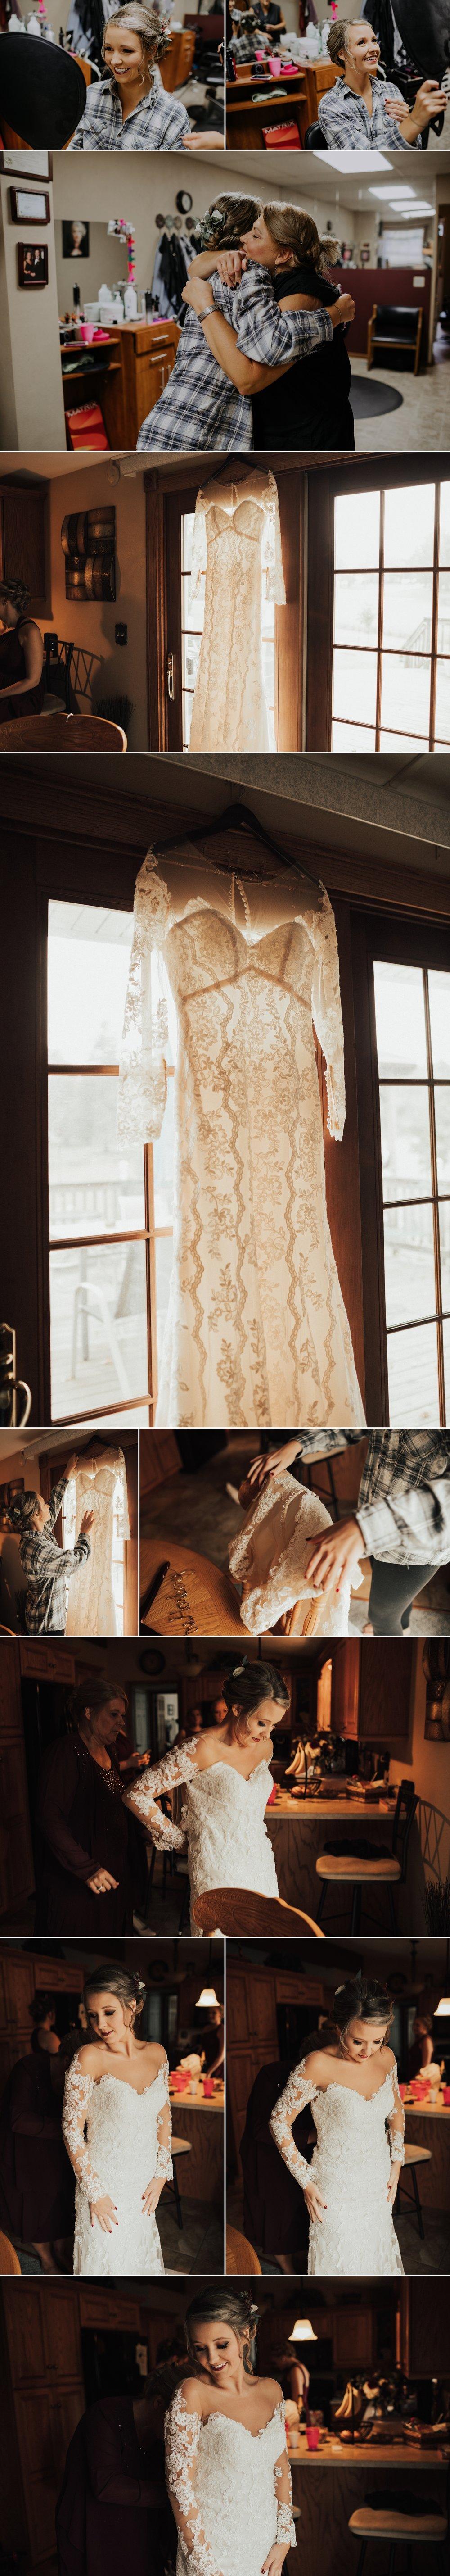 The Horberg Collage 3.jpg